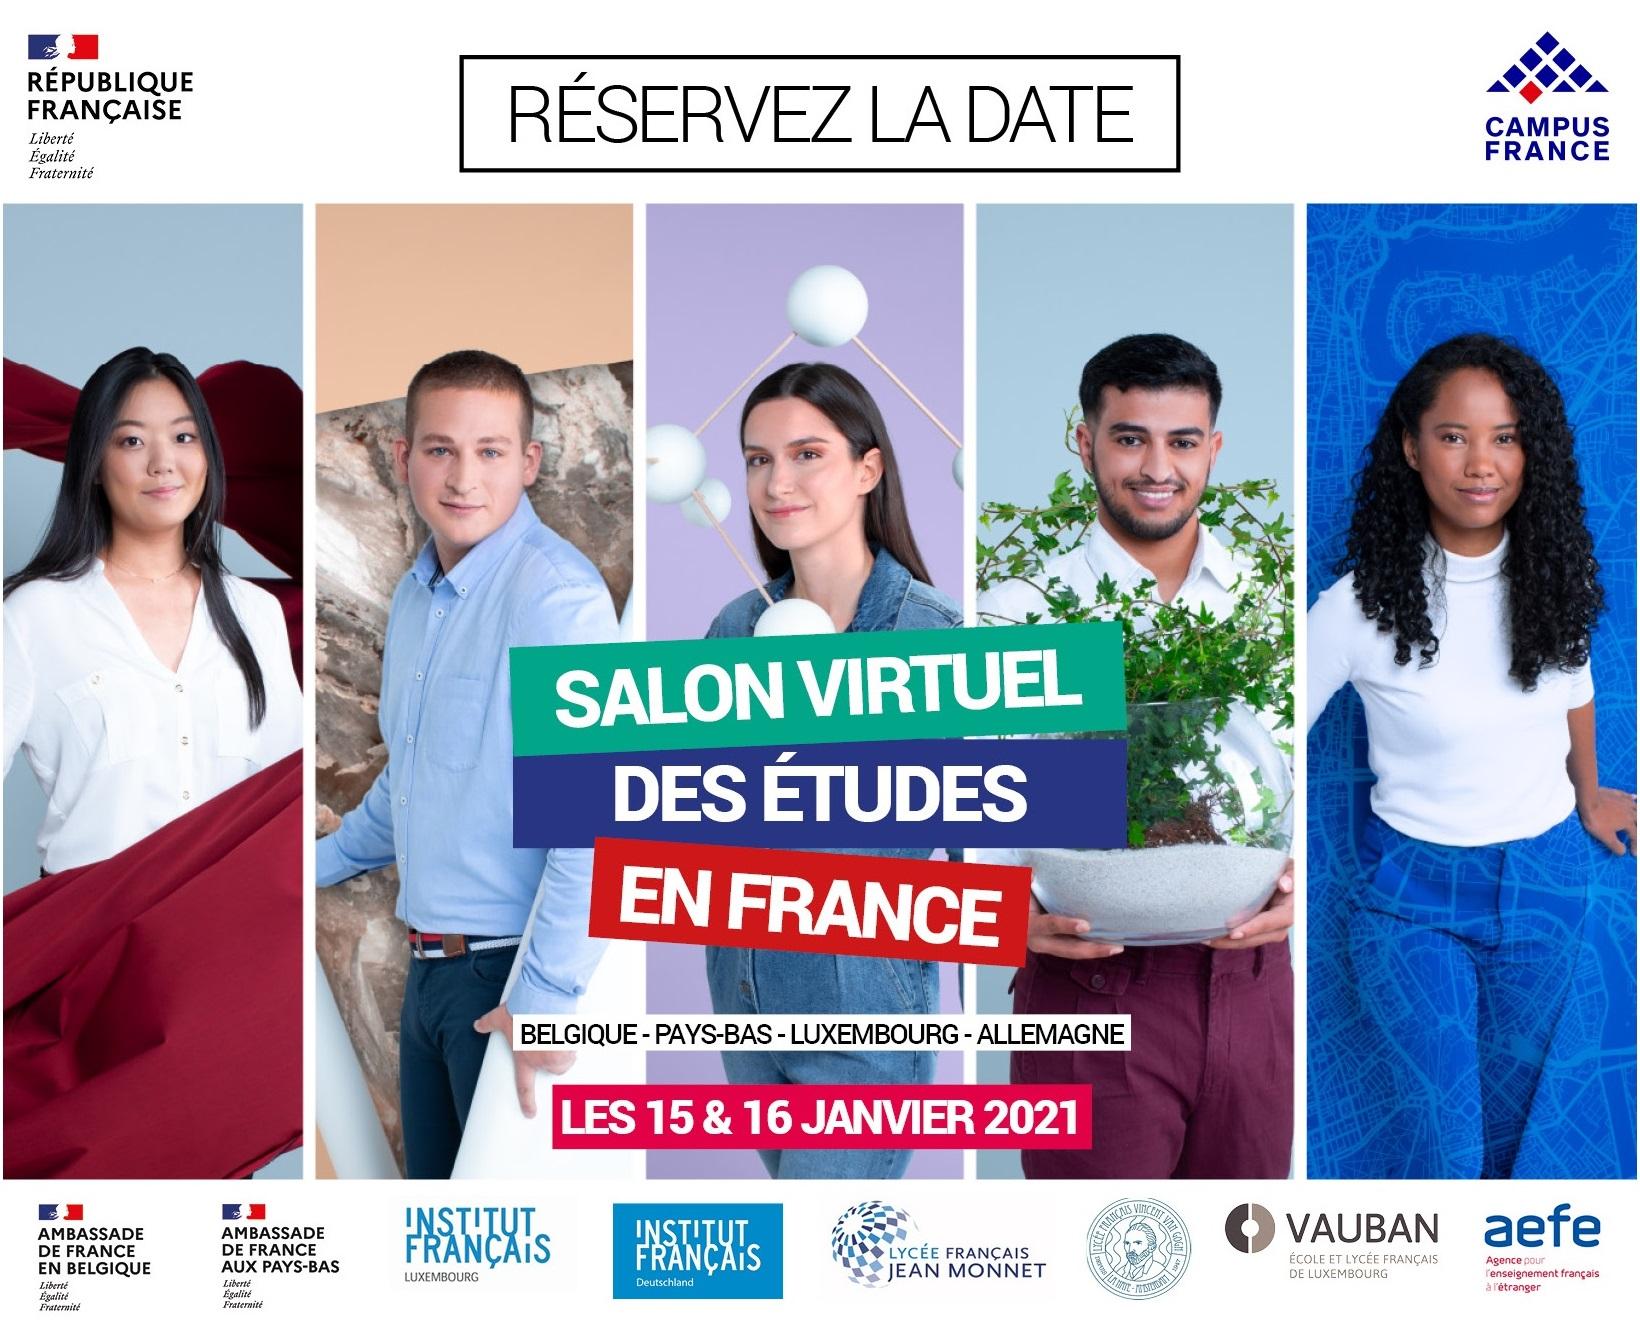 Salon virtuel Campus France Benelux – 15 et 16 janvier 2021